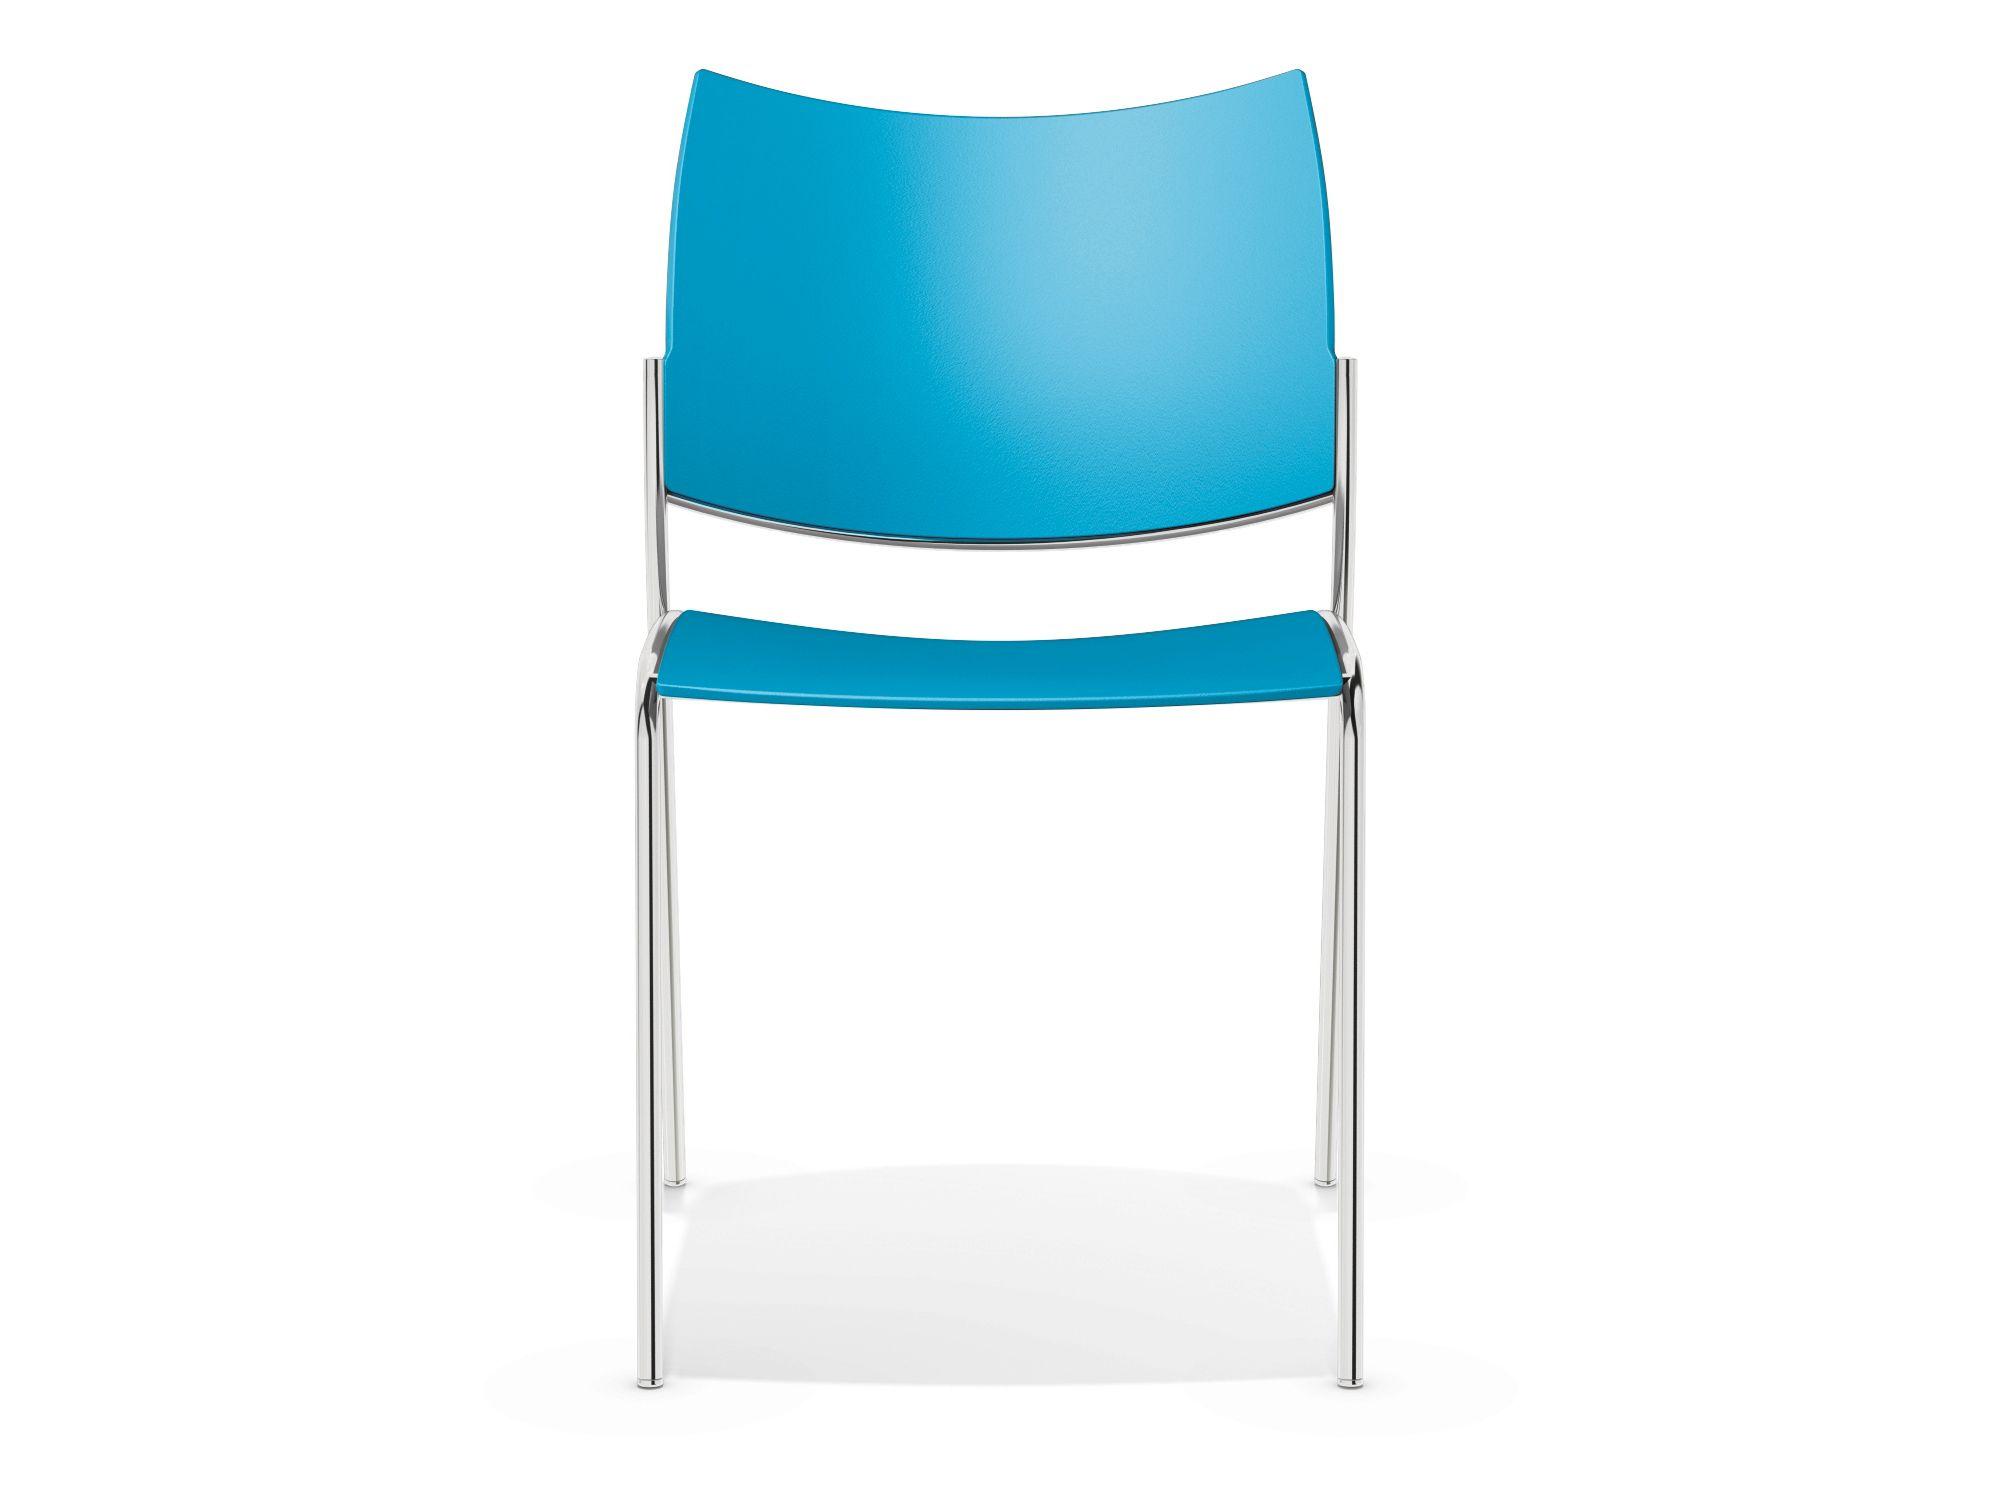 Cobra chaise en plastique by casala design sigurd rothe for Chaise en plastique